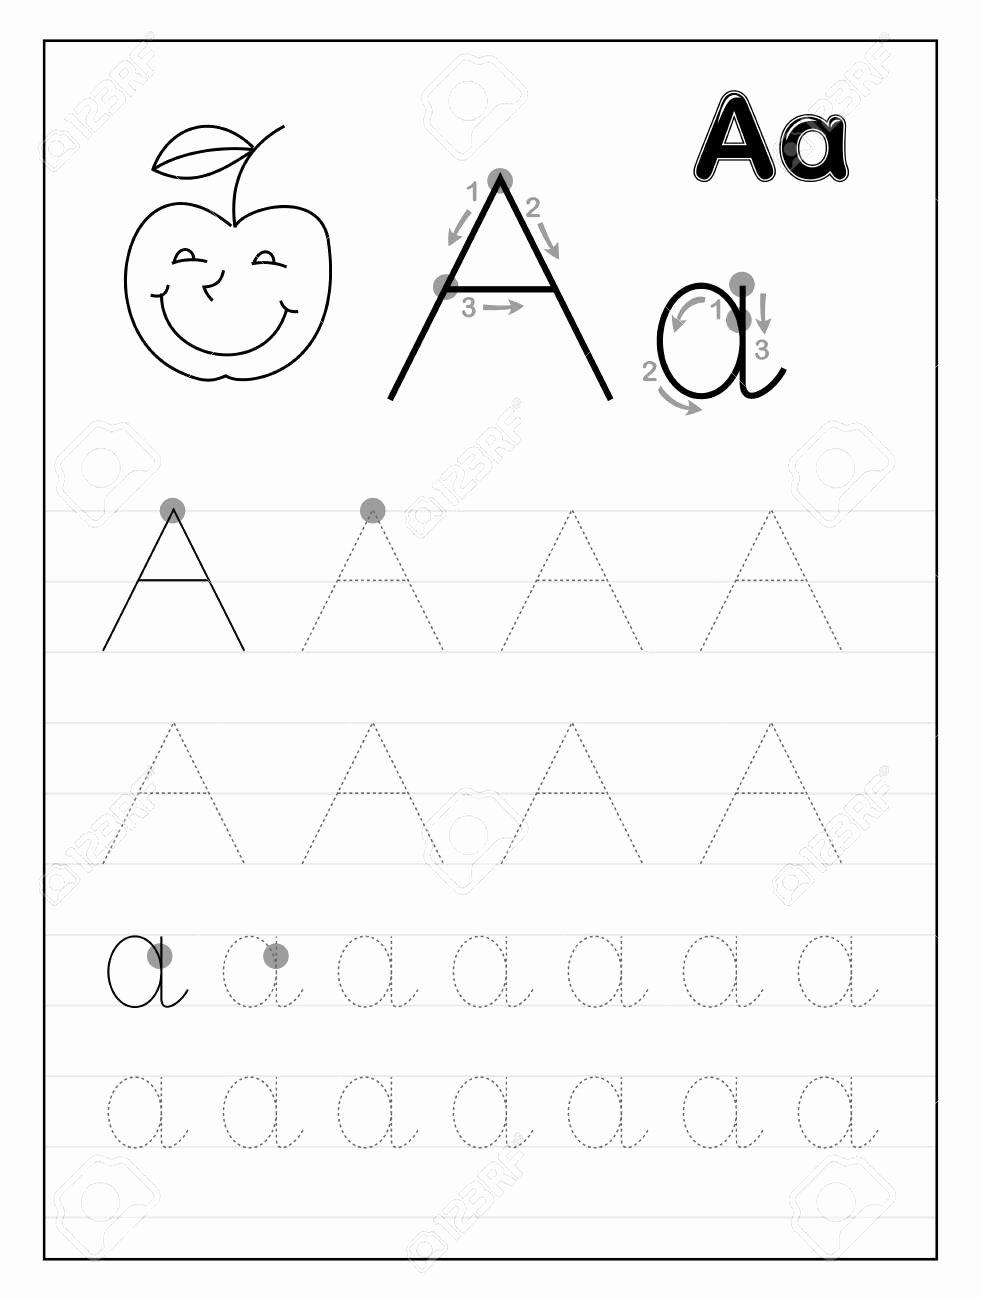 Printable Letter Worksheets for Preschoolers Fresh Math Worksheet Math Worksheet Preschool Letter Worksheets